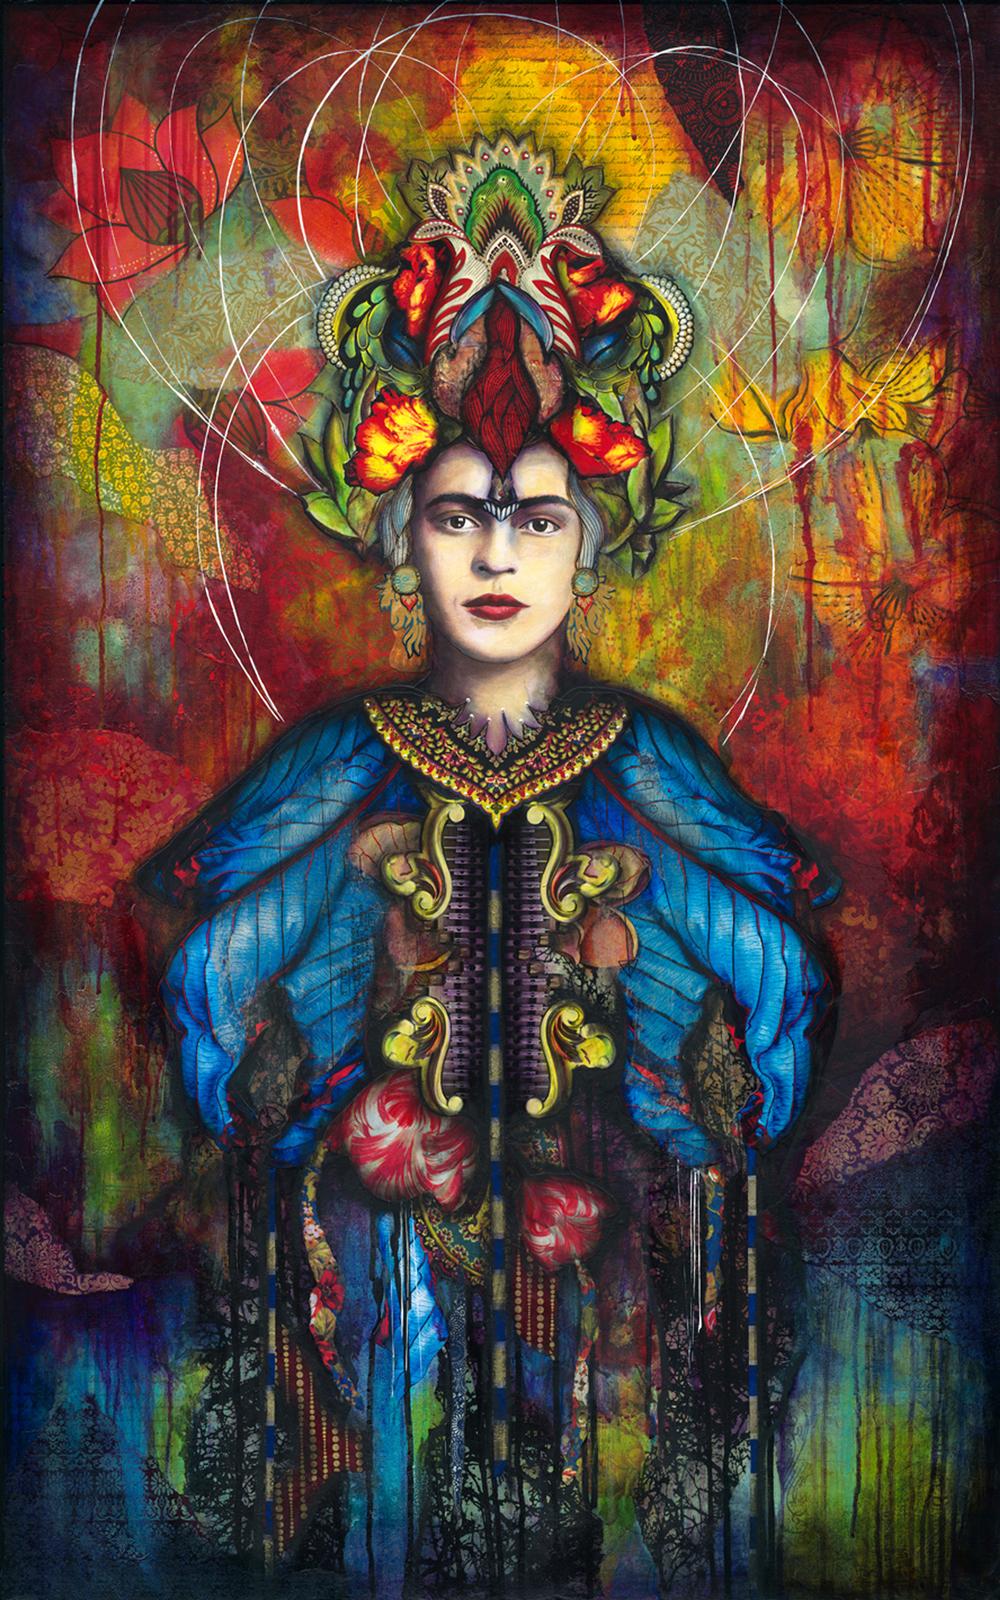 Andrea-Matus-deMeng-Frida.jpg